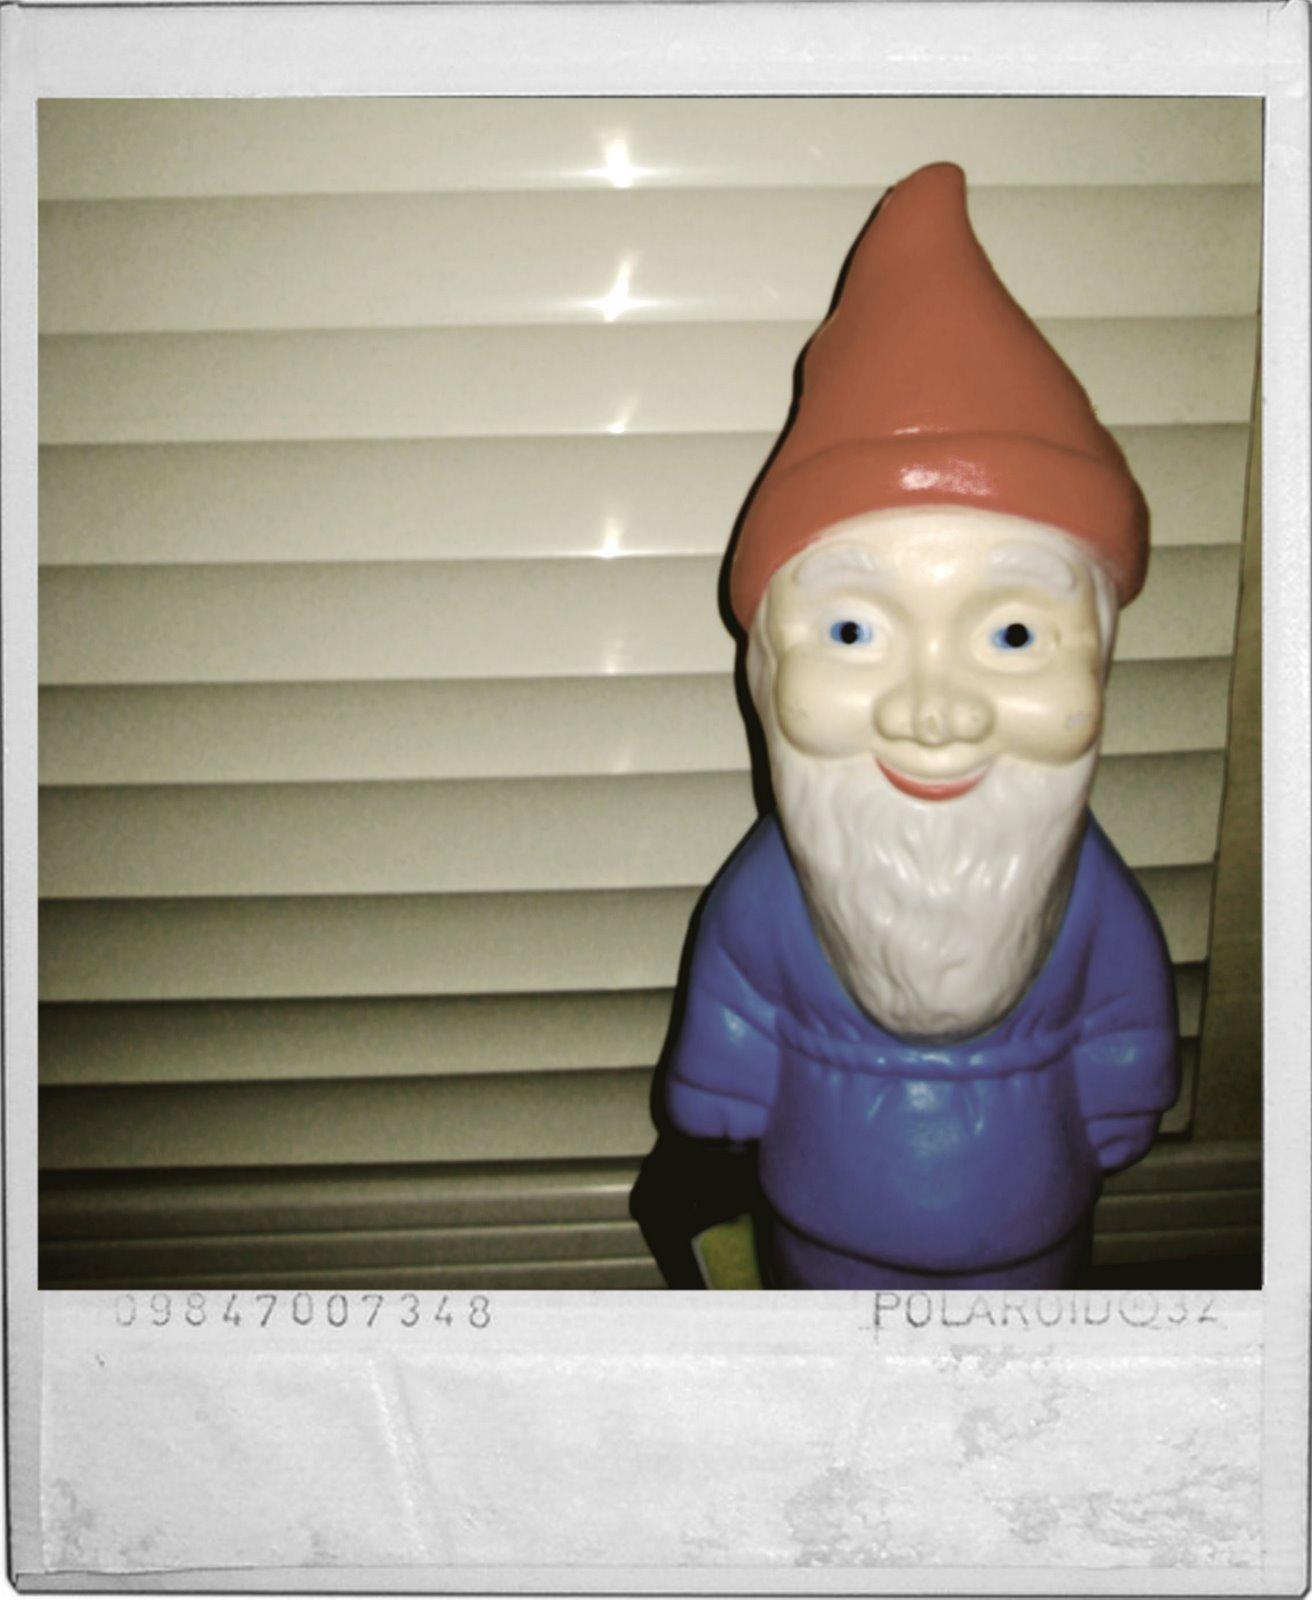 [gnome+polaroid]